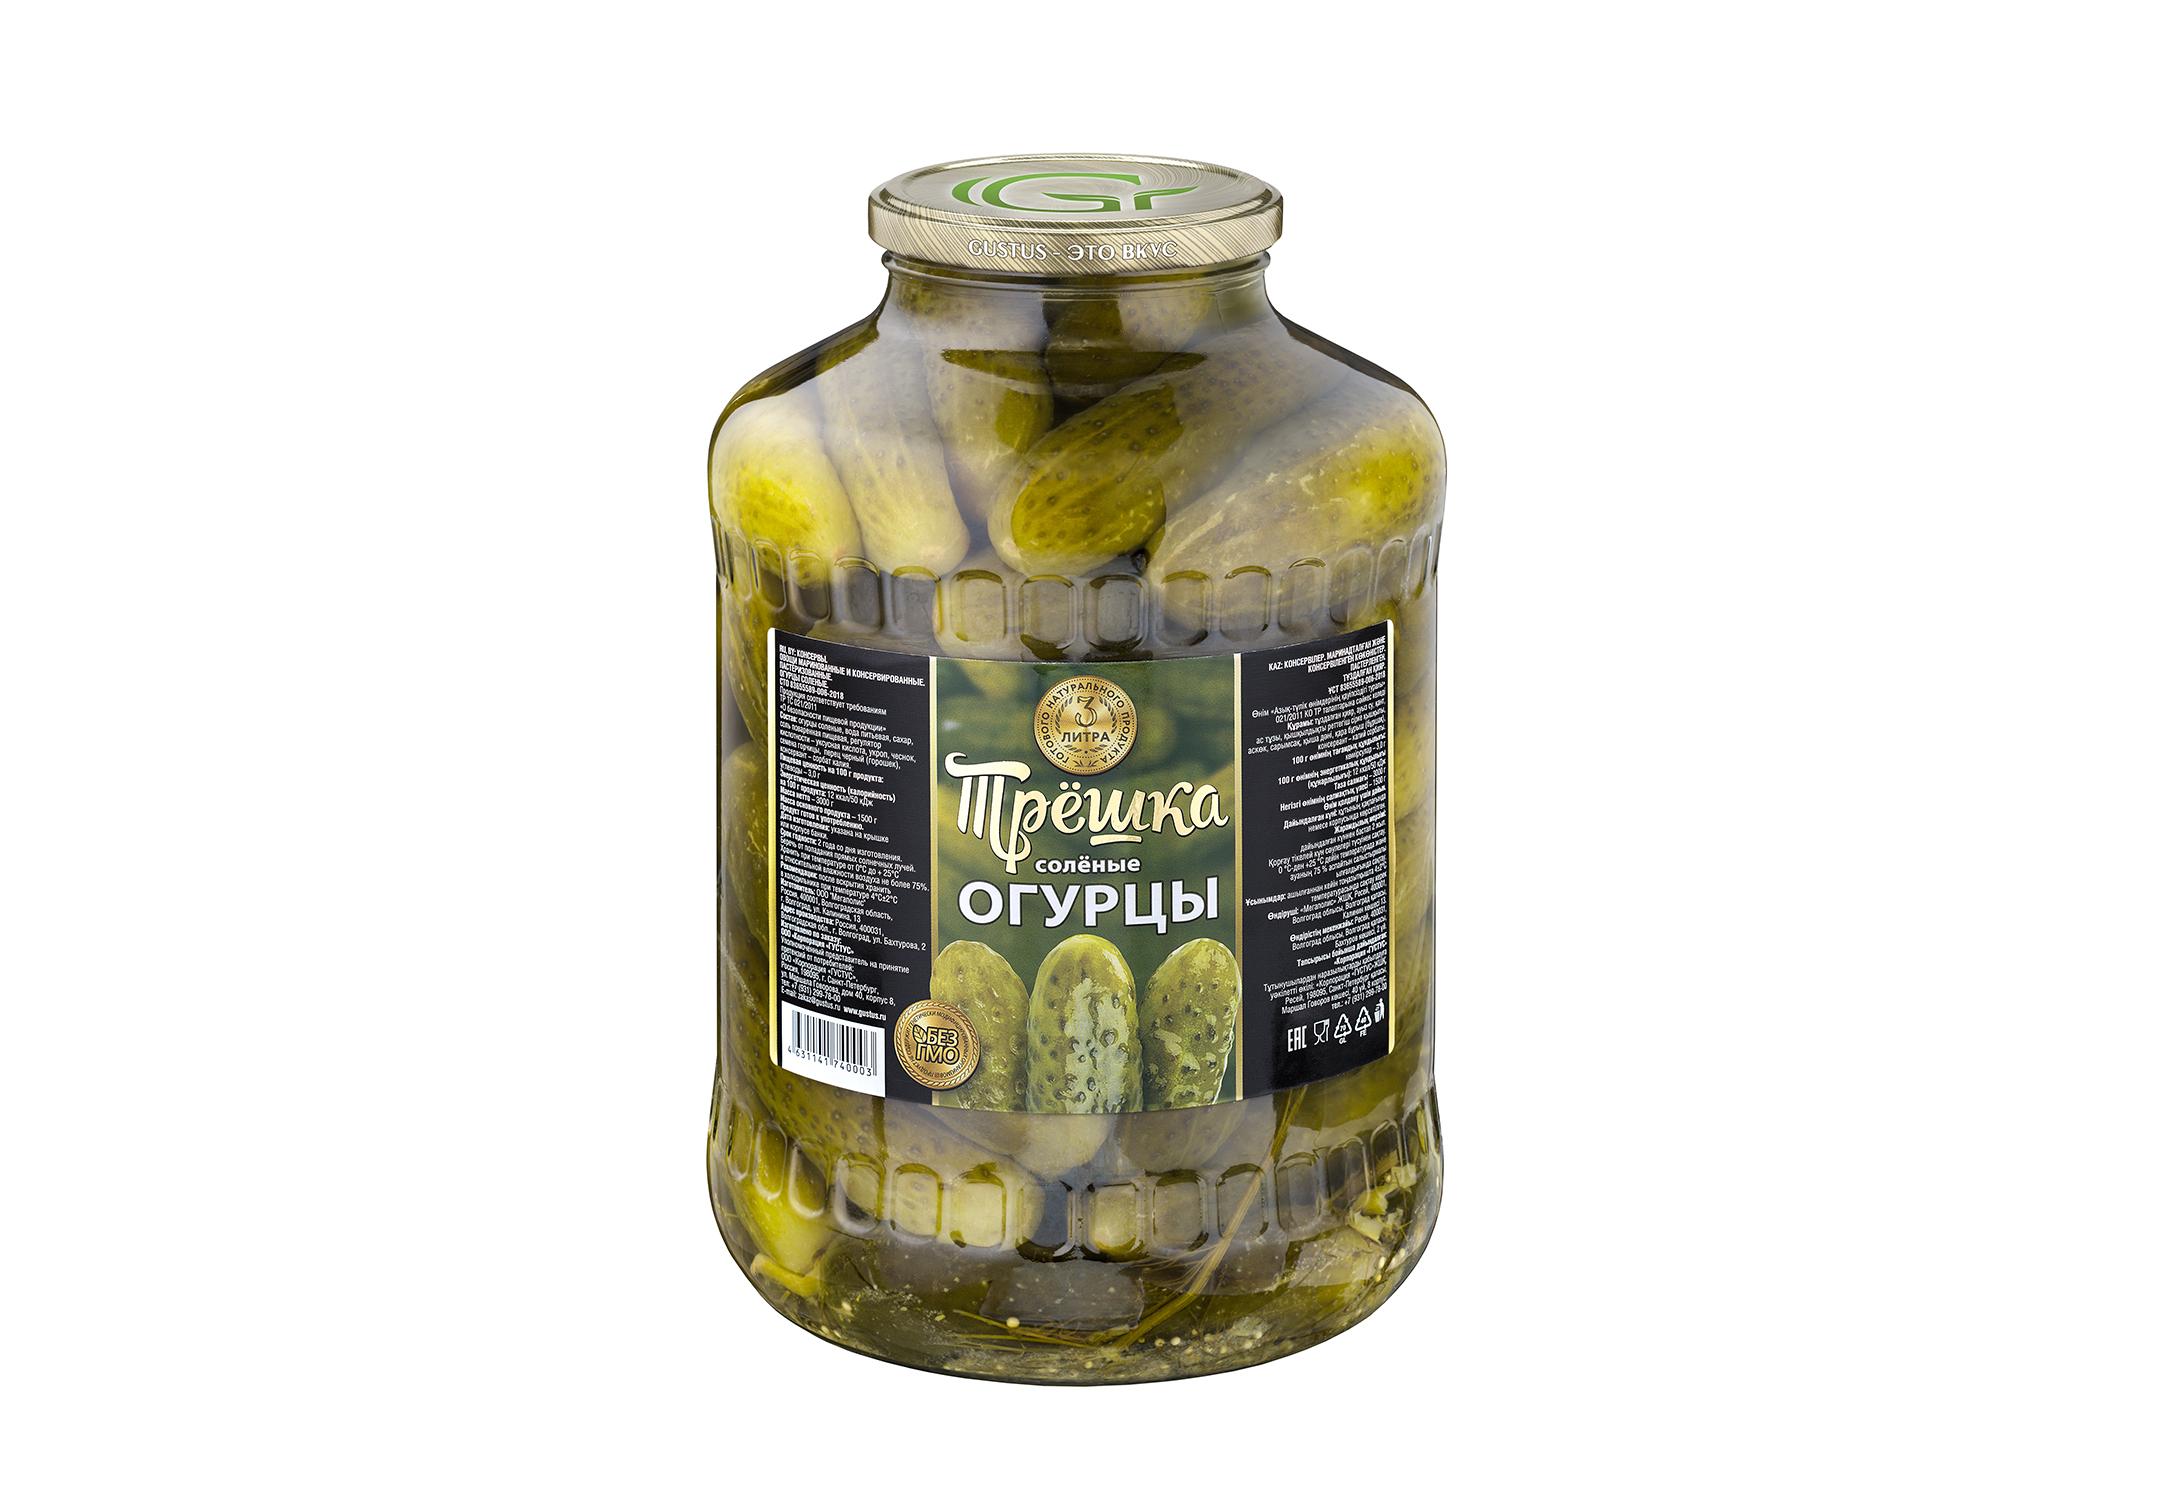 Новый рецепт огурцов